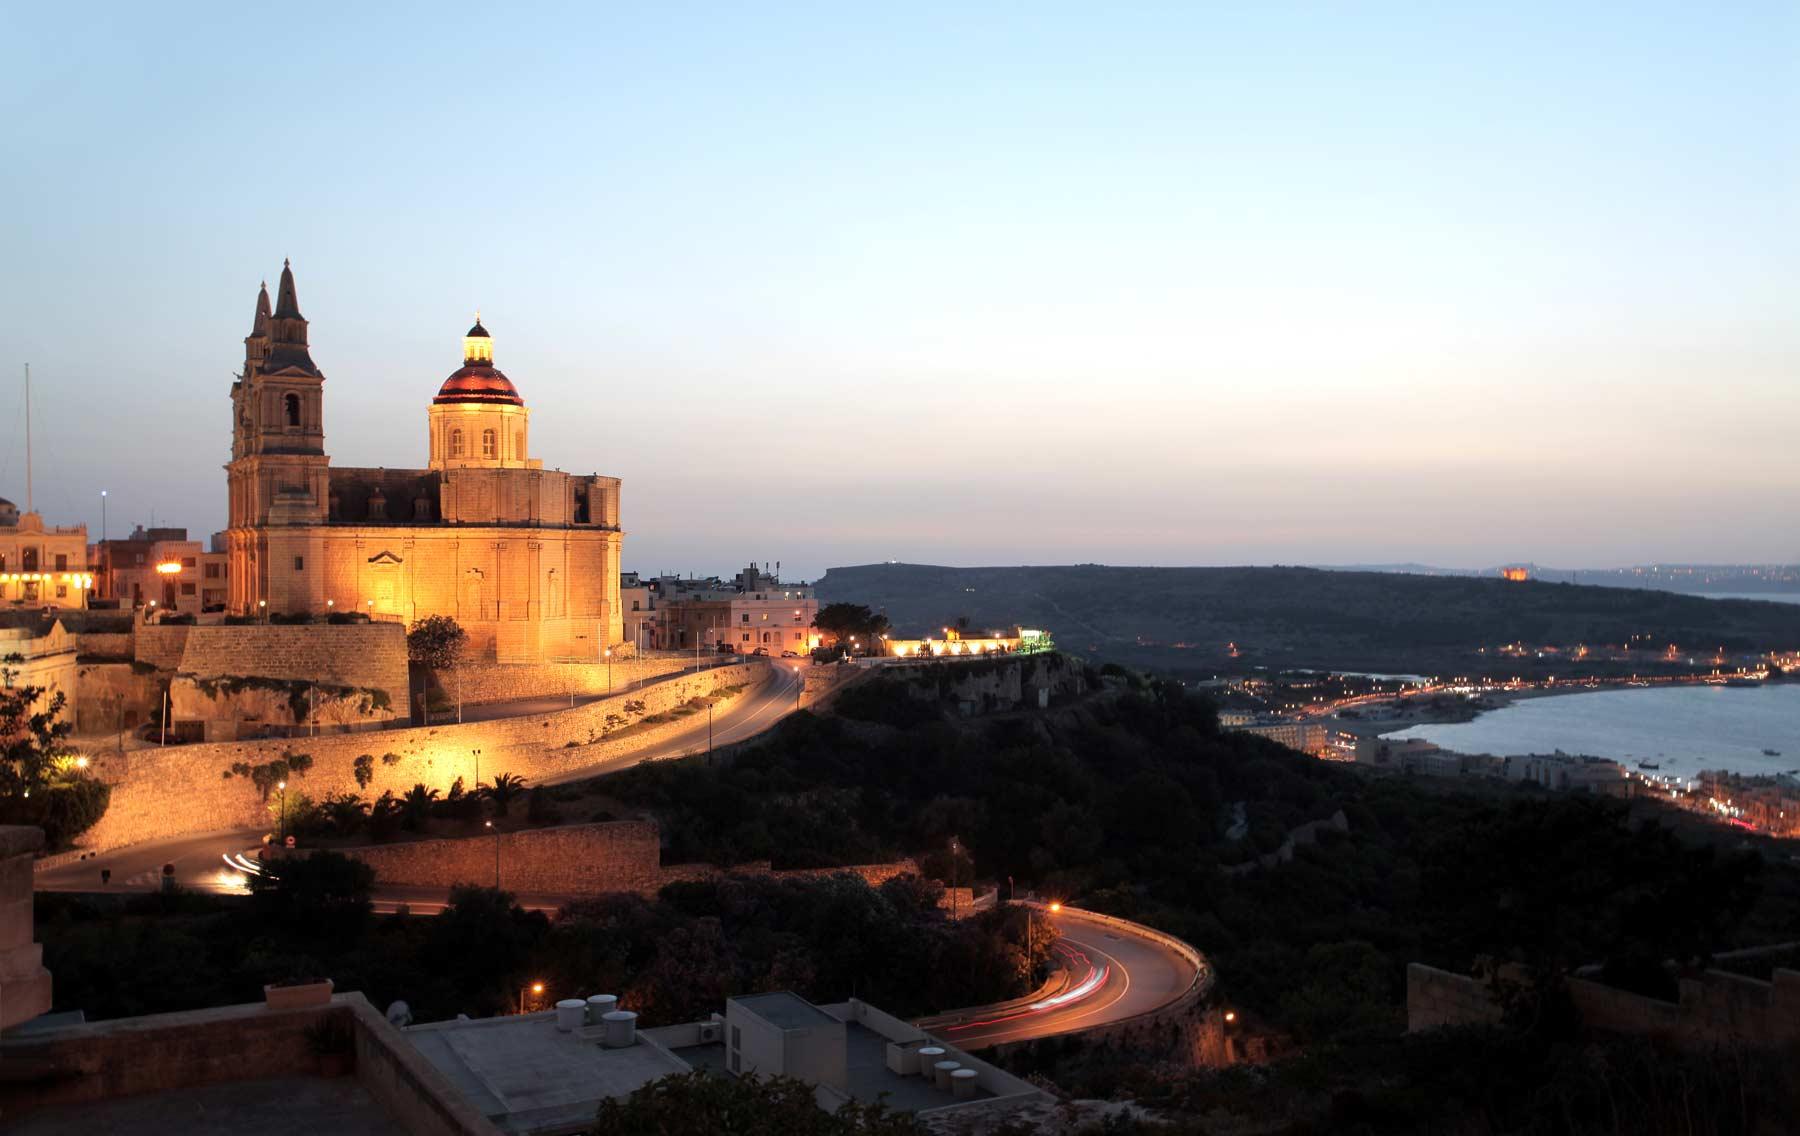 La tecnologia IT che nasce nel mediterraneo